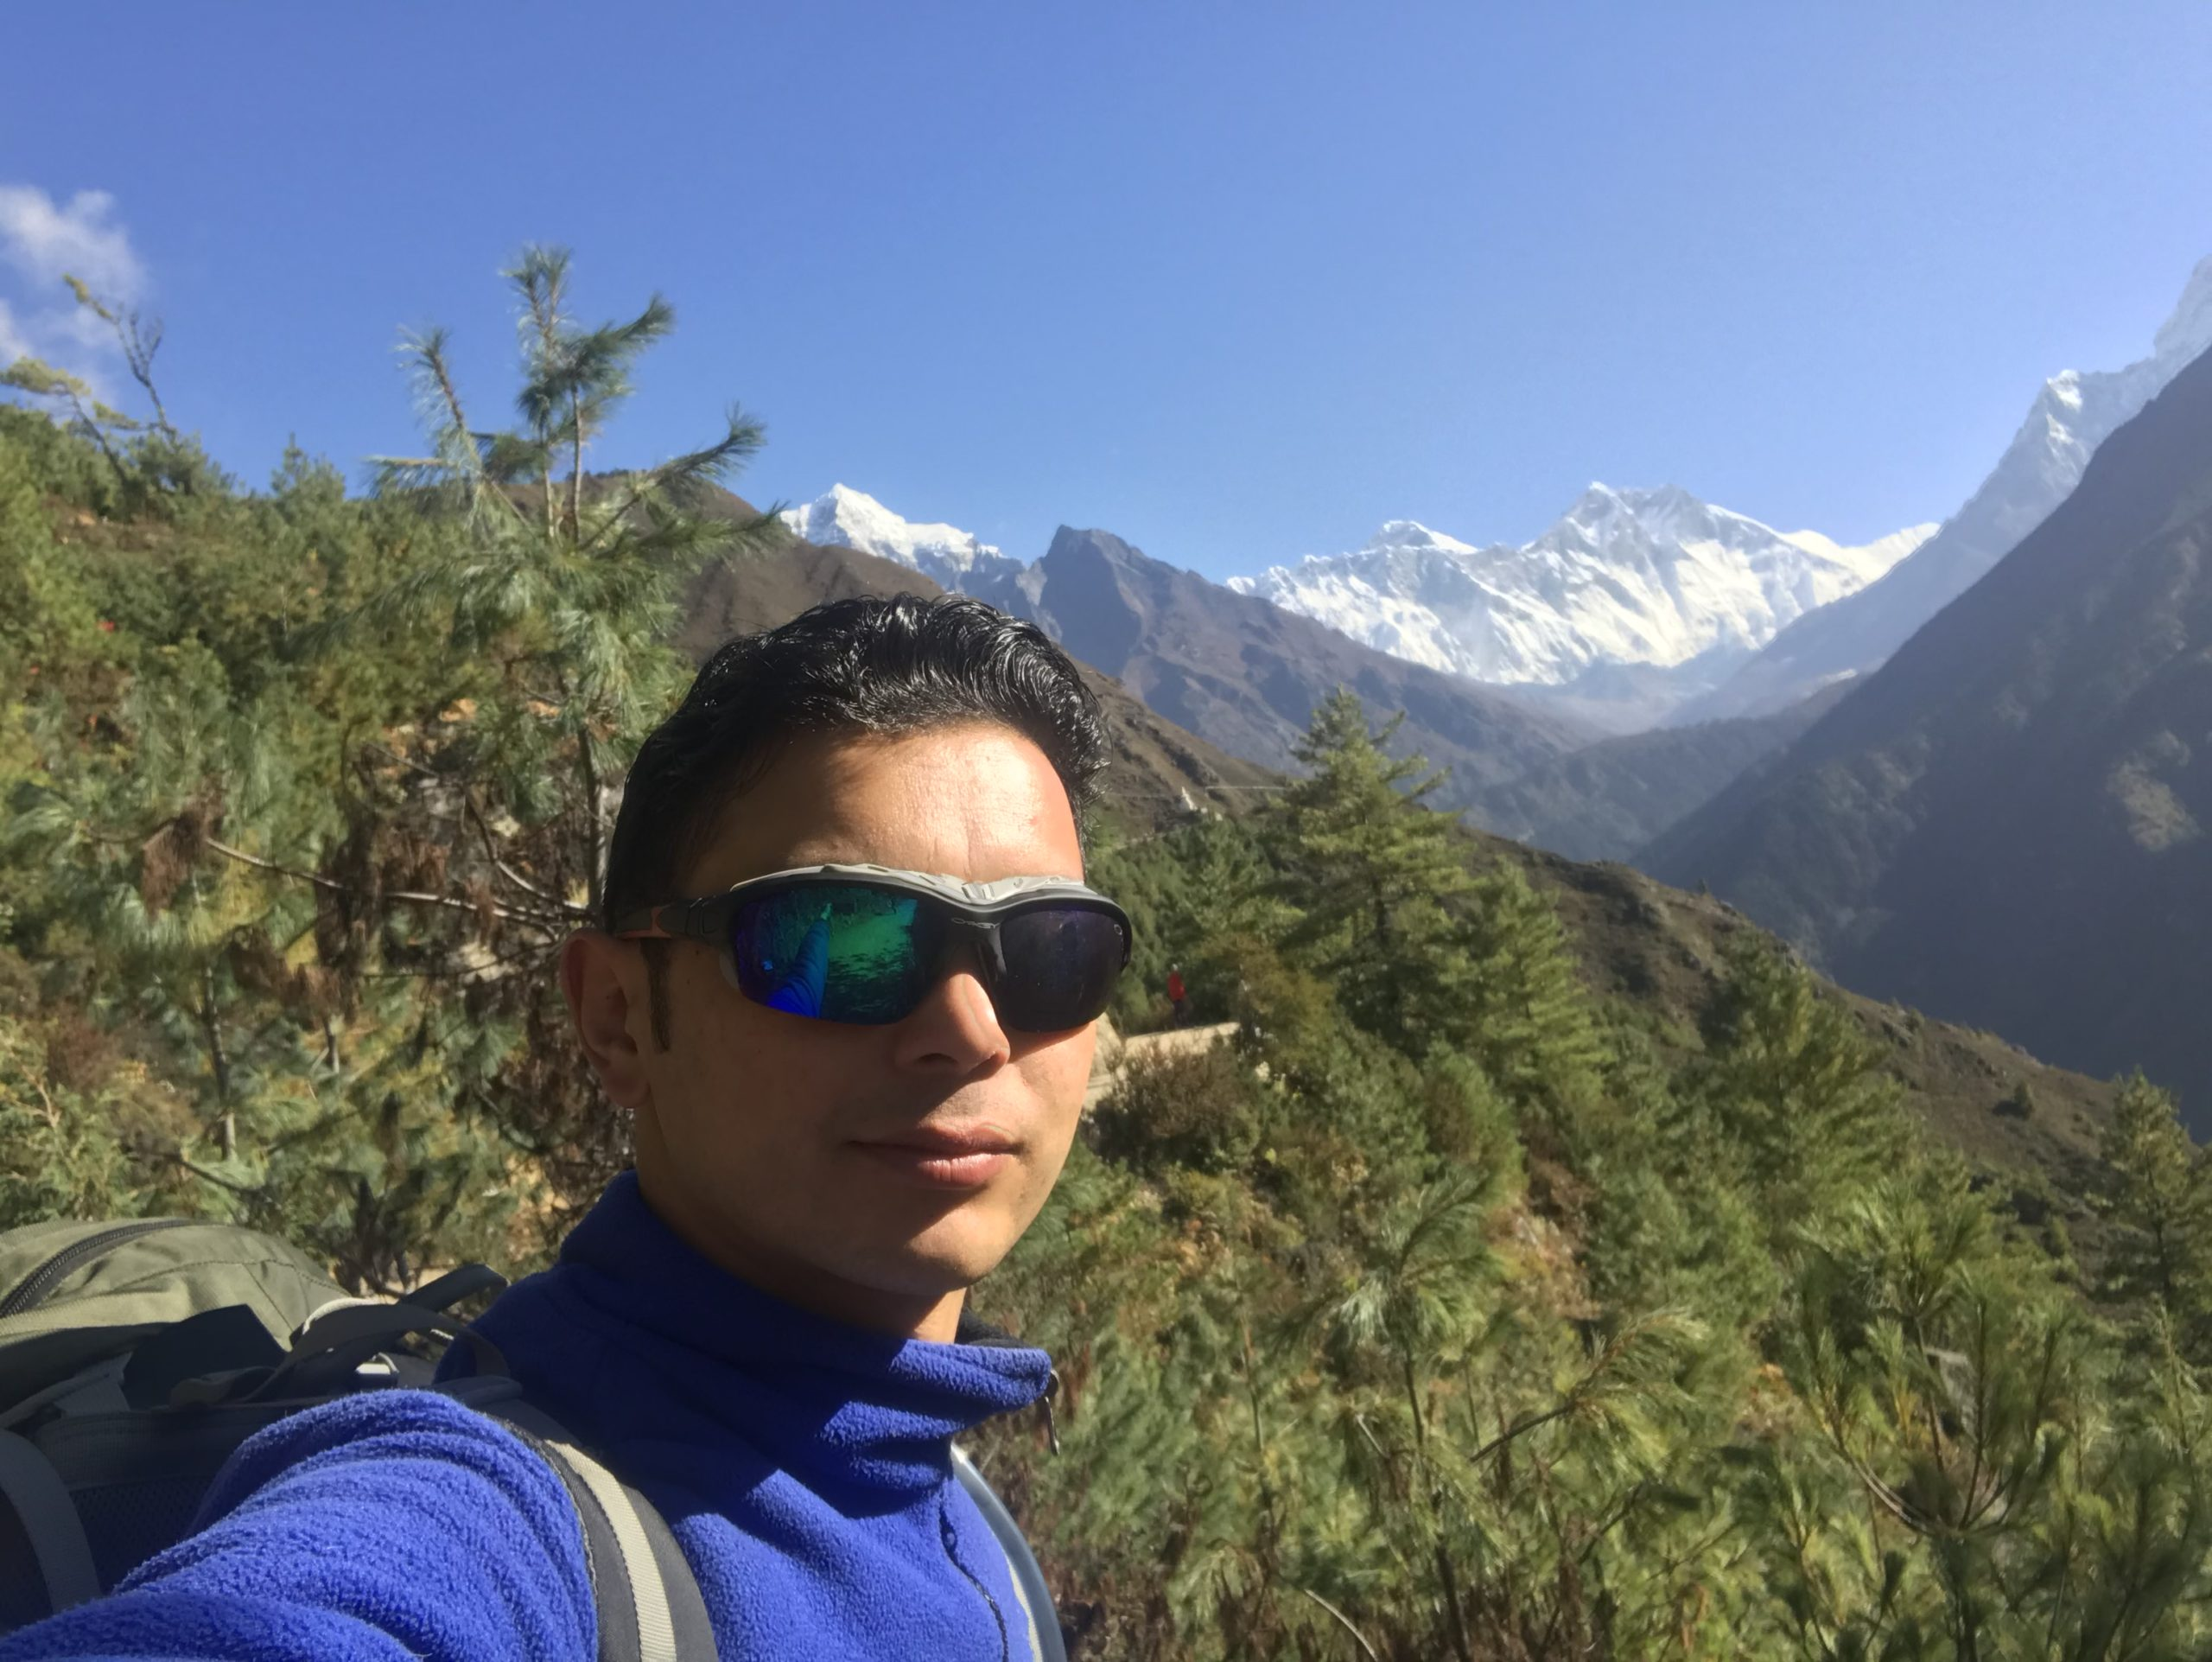 Rajan Khatri, Visit Himalaya Treks Pvt. Ltd., Kathmandu, Nepal